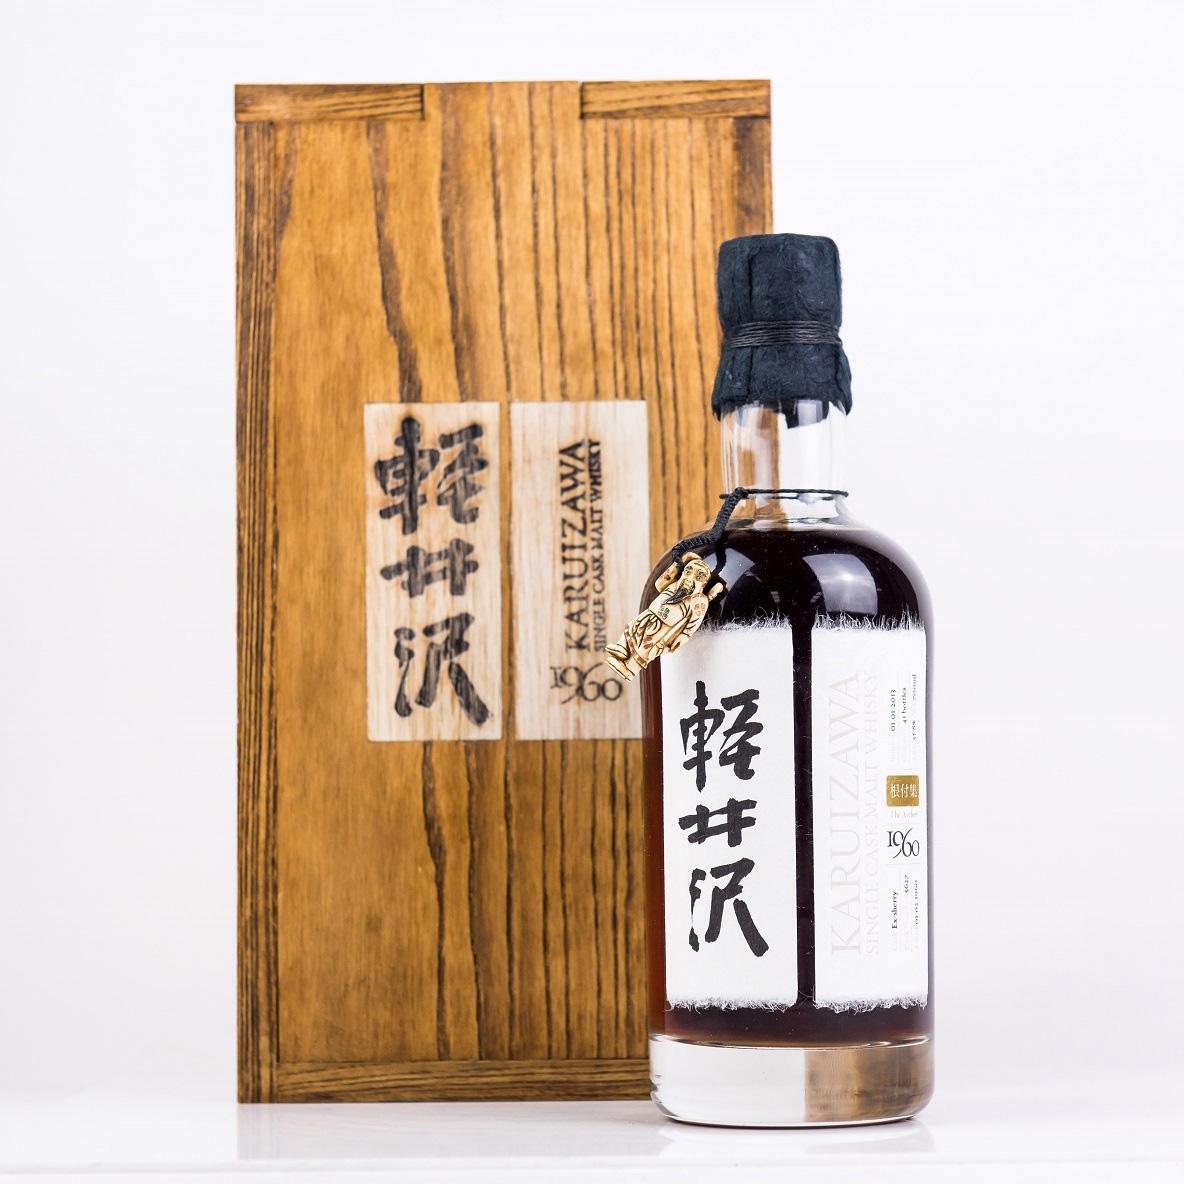 ウイスキー軽井沢